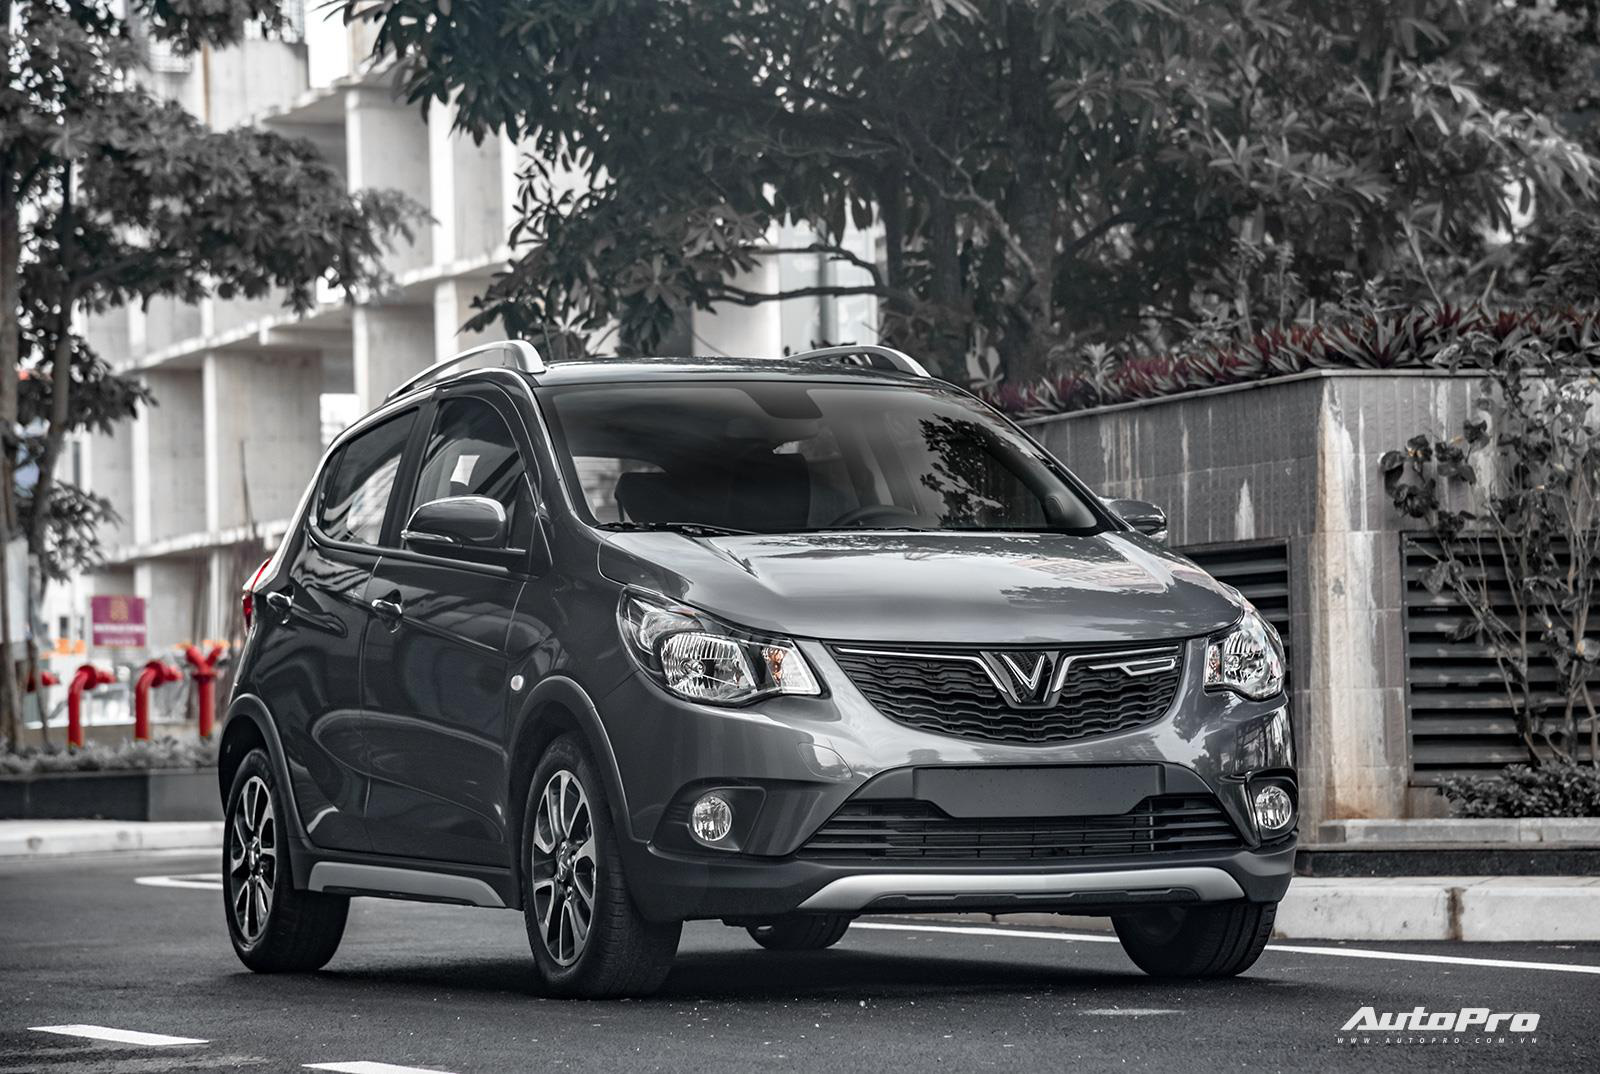 Chính sách siêu ưu đãi tài chính của VinFast - Món hời cho khách hàng mua xe chạy dịch vụ - Ảnh 4.